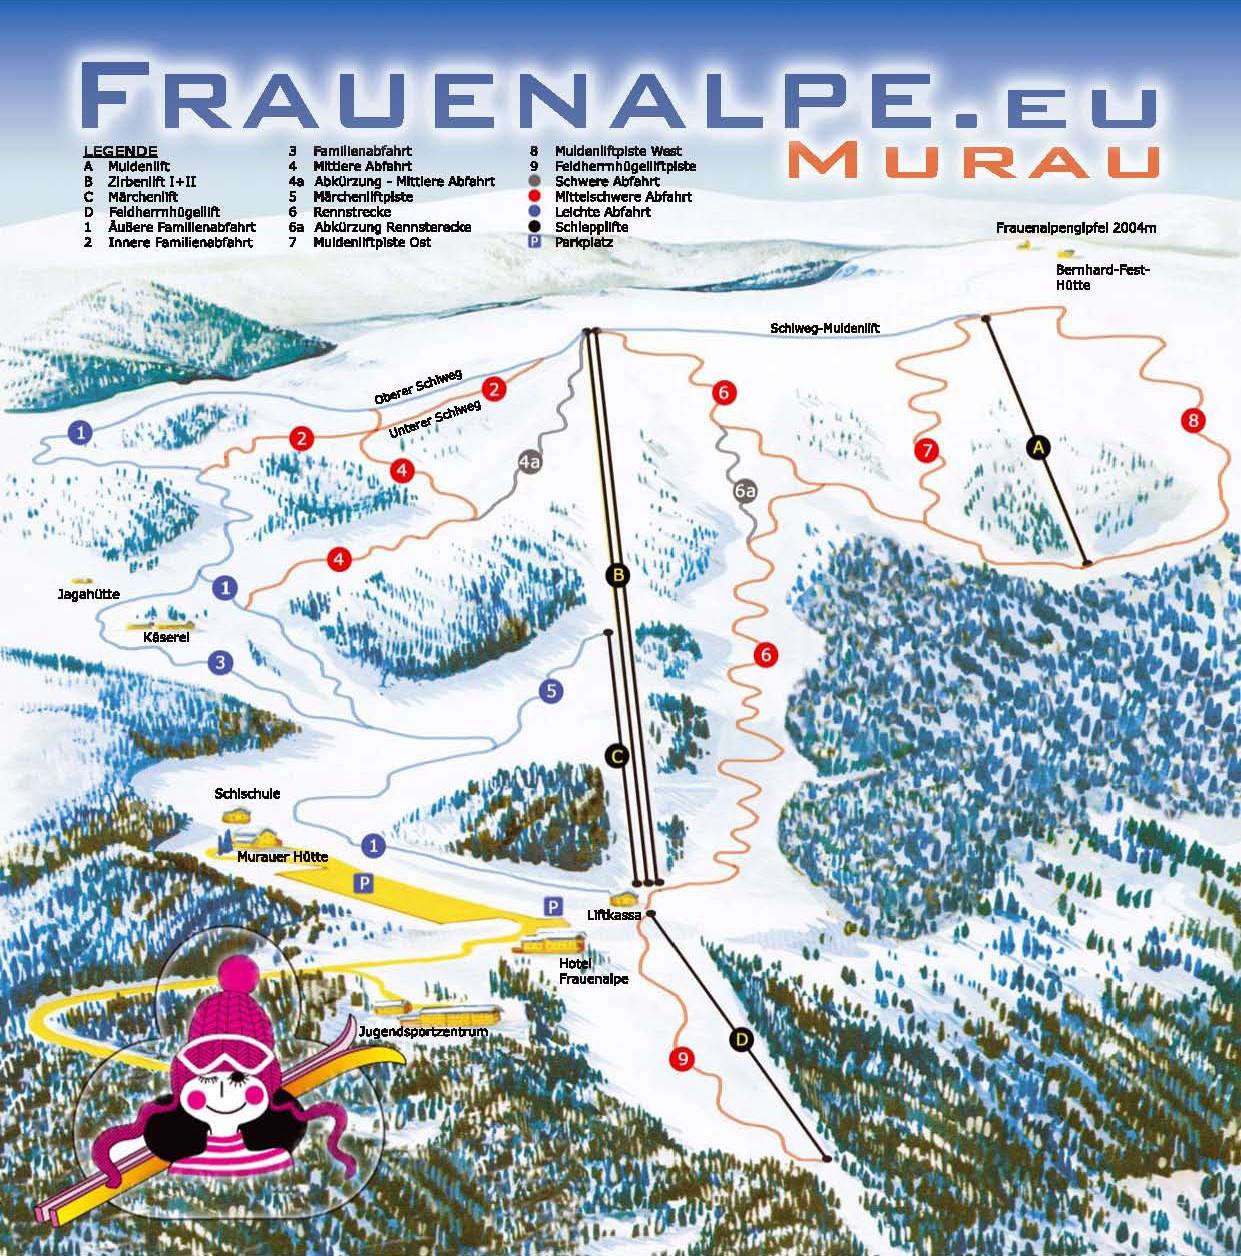 Lyžařská mapa sjezdovek areálu Frauenalpe